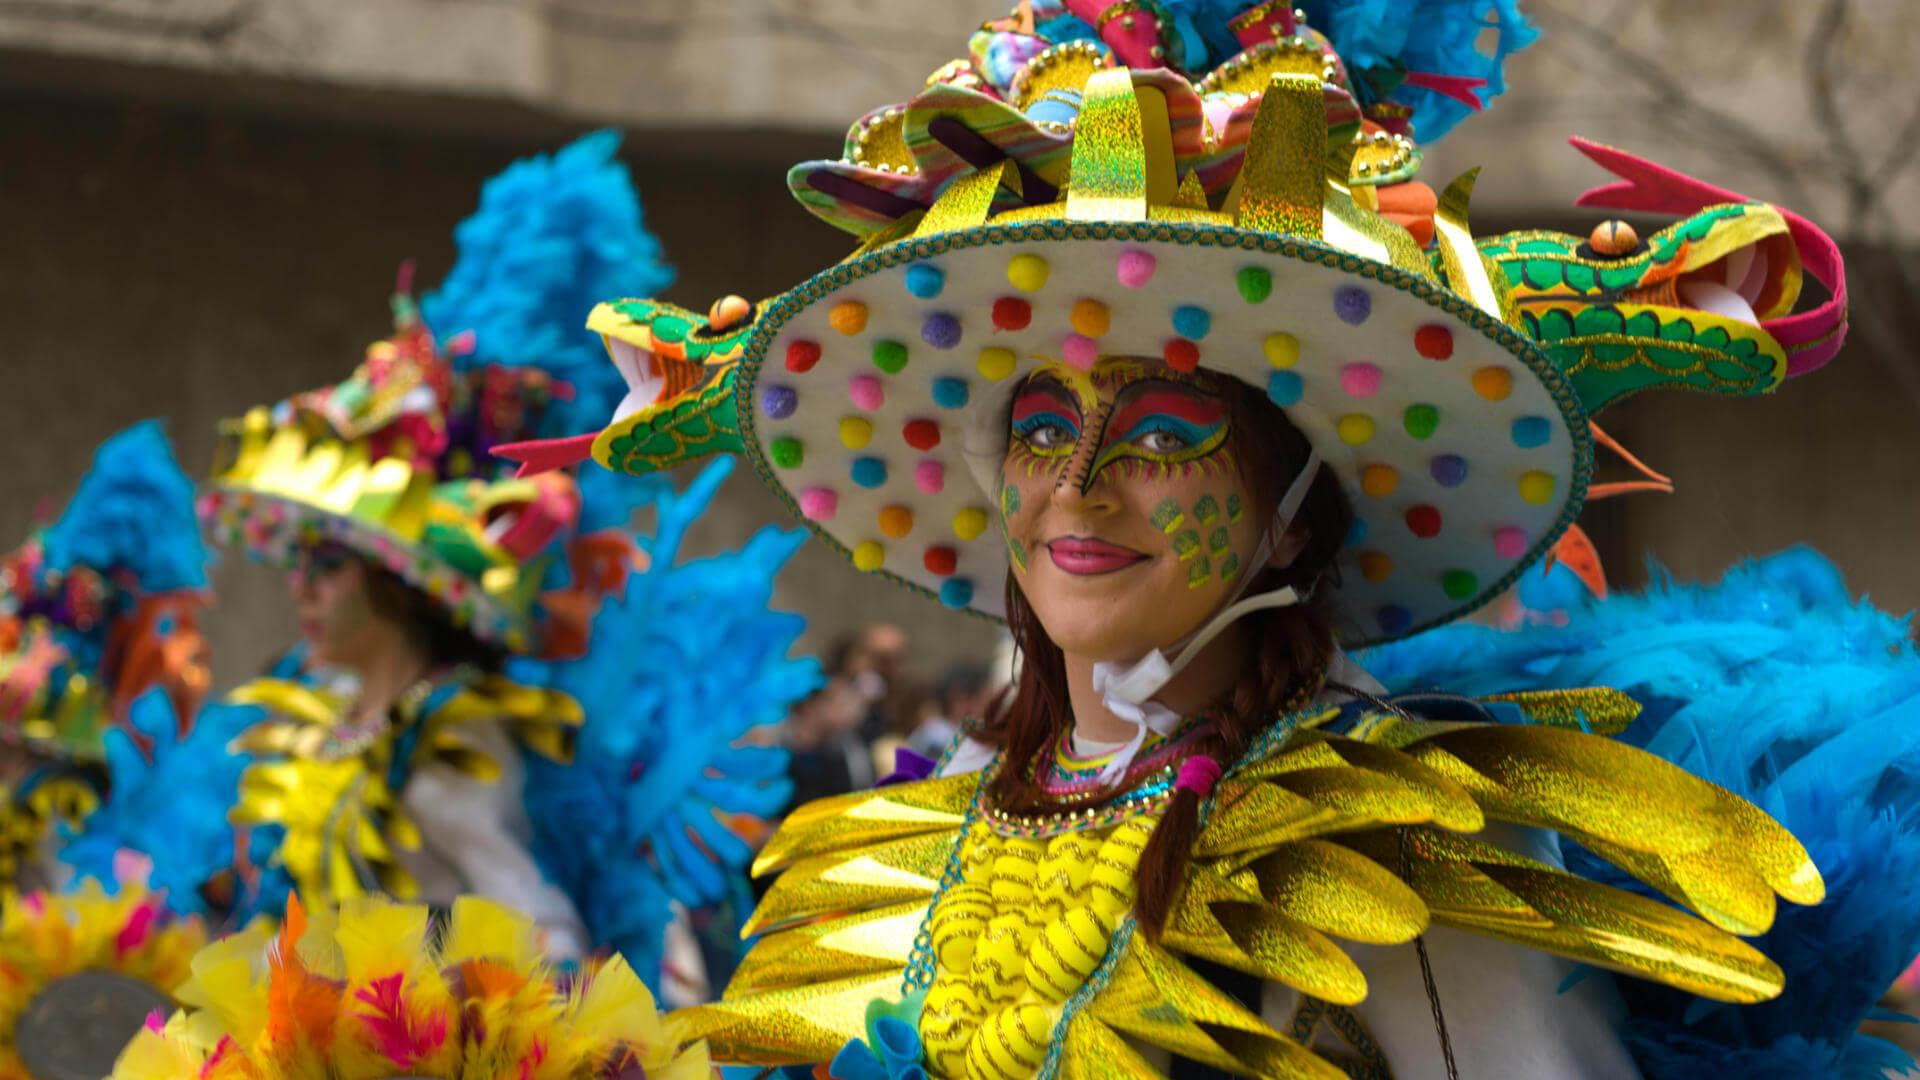 carnaval de badajoz desfile disfraces